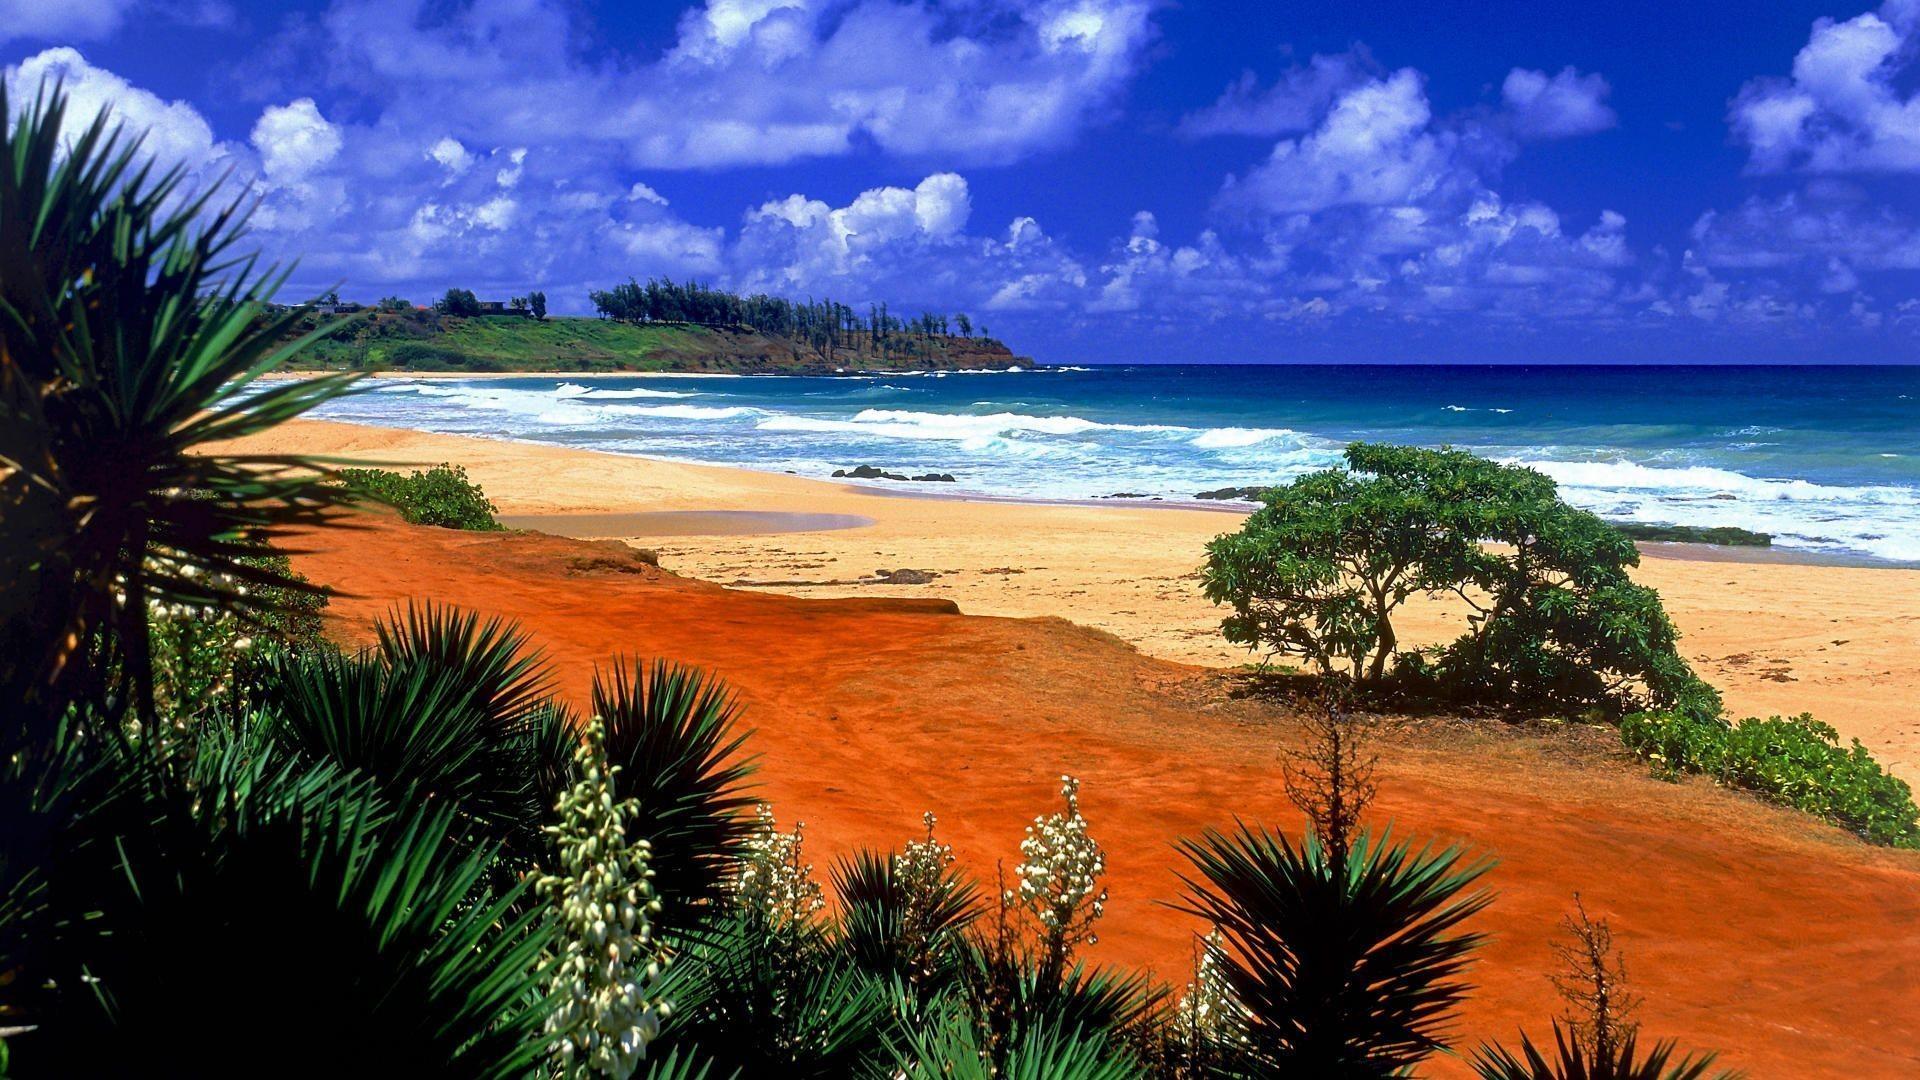 Hawaiian Desktop Wallpapers